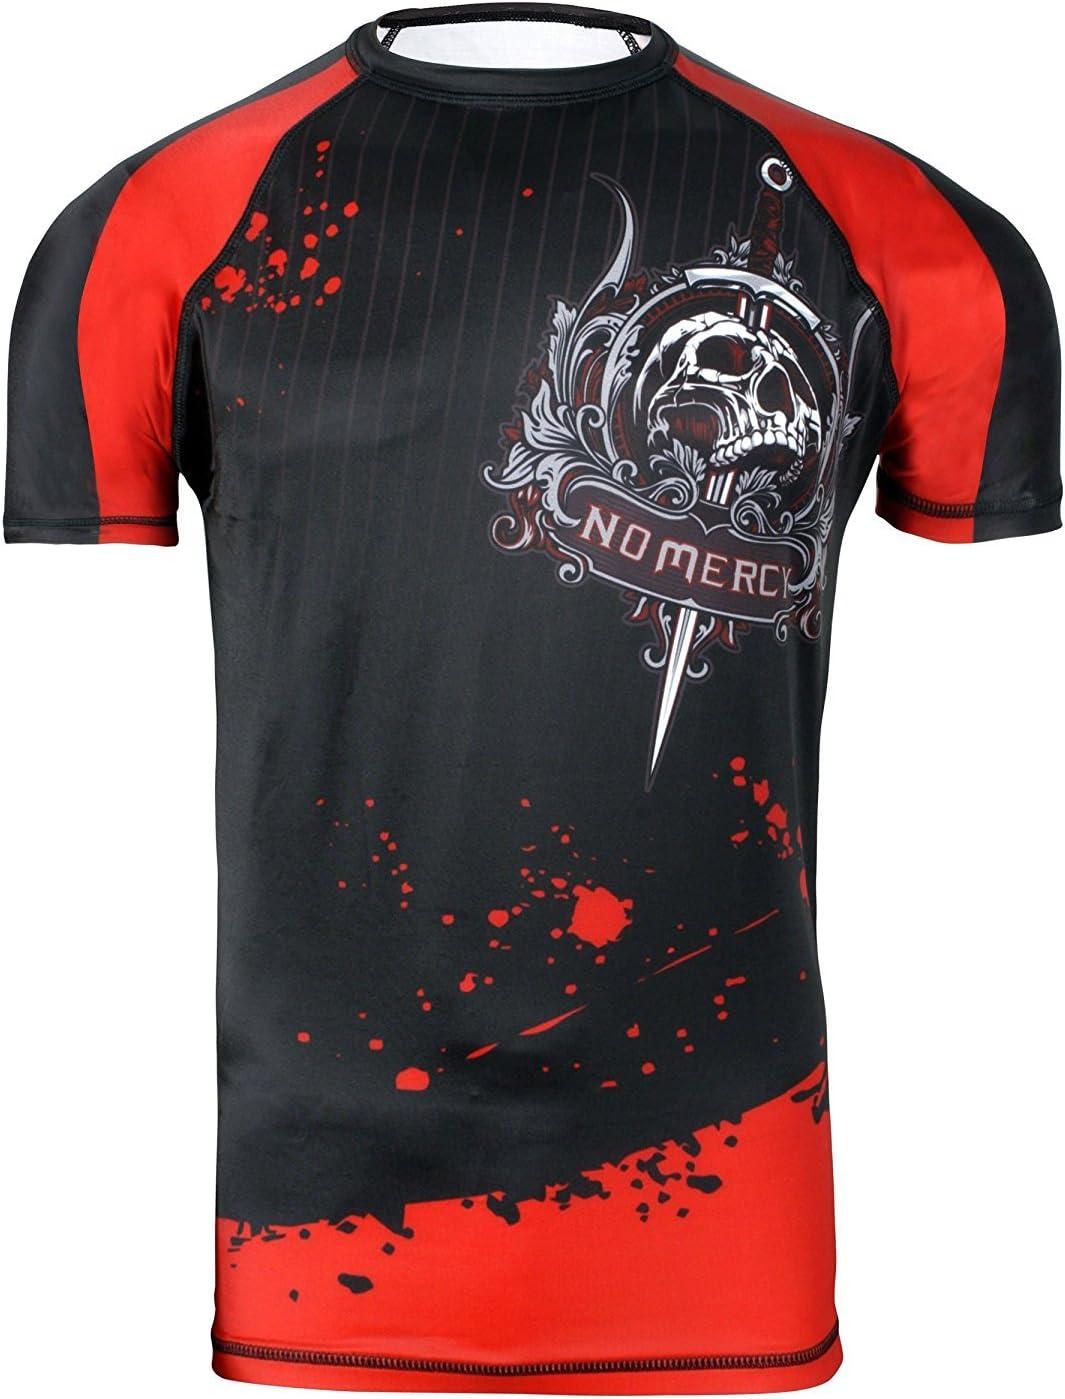 Camiseta de neopreno para Artes Marciales Mixtas (MMA) con capa base de compresión, manga corta para hombre, color negro: Amazon.es: Deportes y aire libre